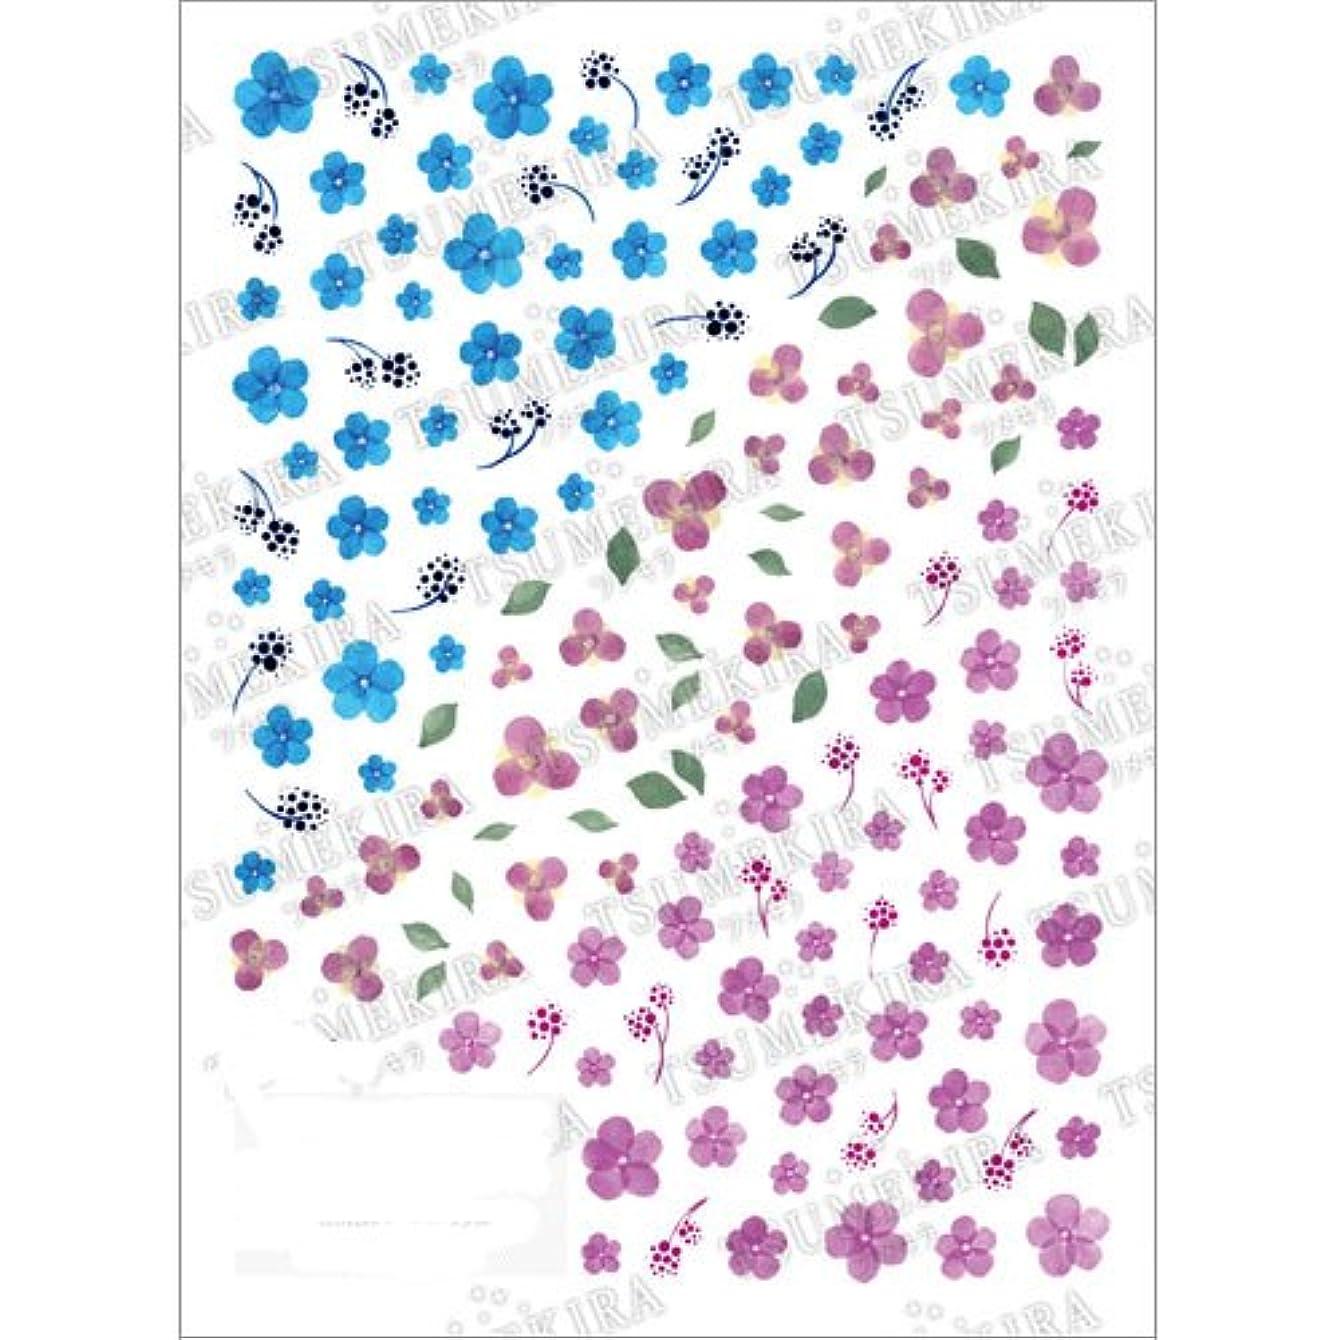 盆キリスト教引き金TSUMEKIRA(ツメキラ) ネイルシール 工藤恭子プロデュース3 水彩フラワー NN-PRD-703